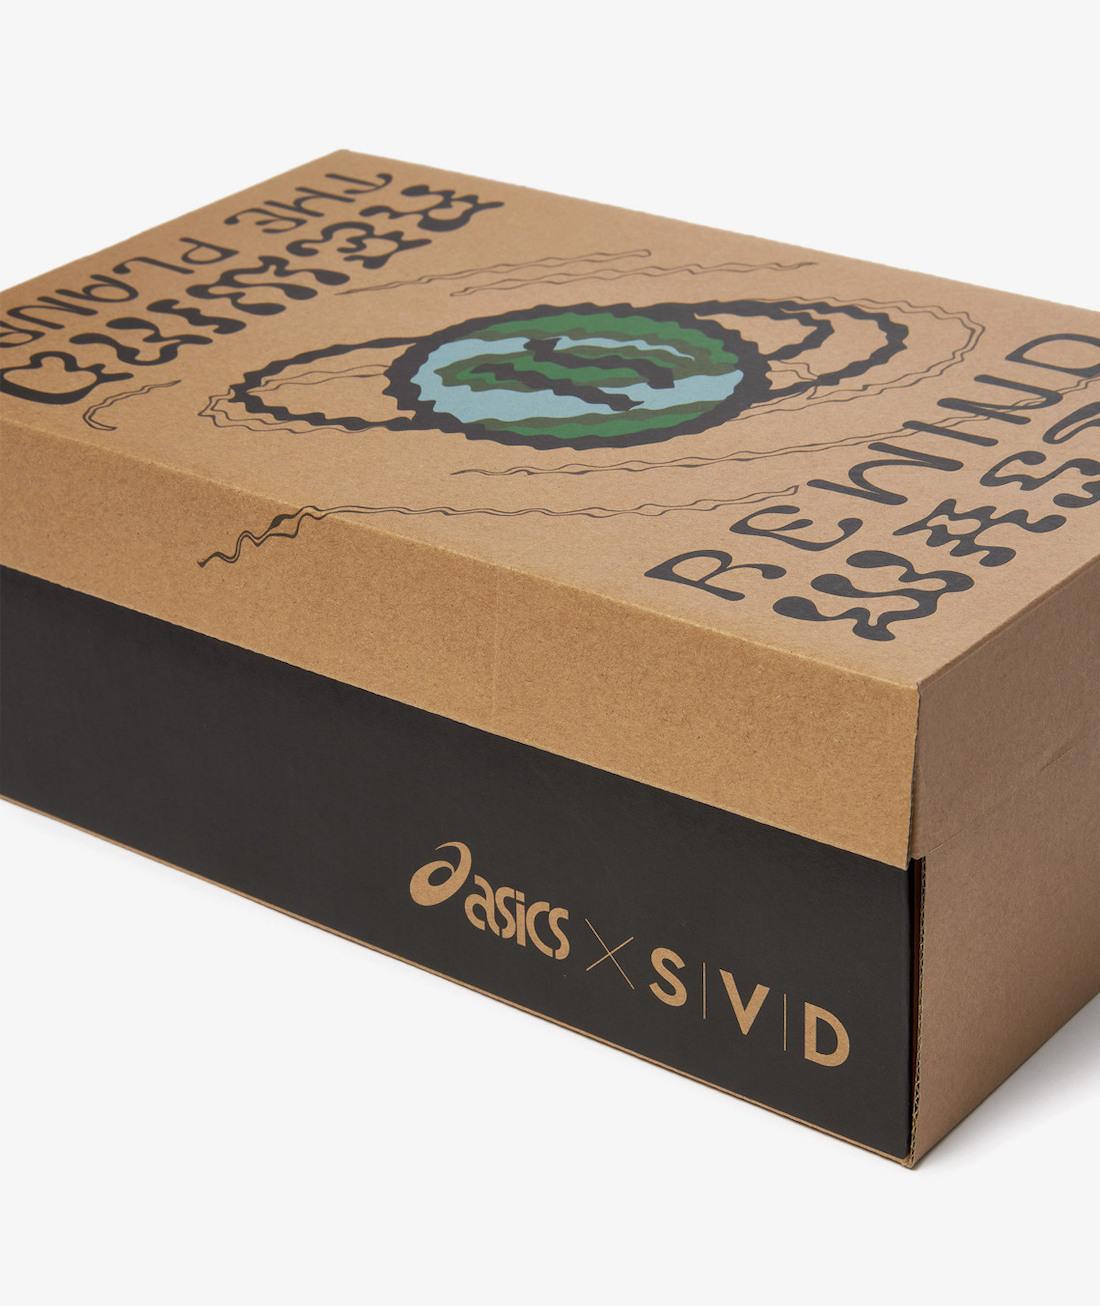 SVD Asics Gel Lyte III Release Date Info